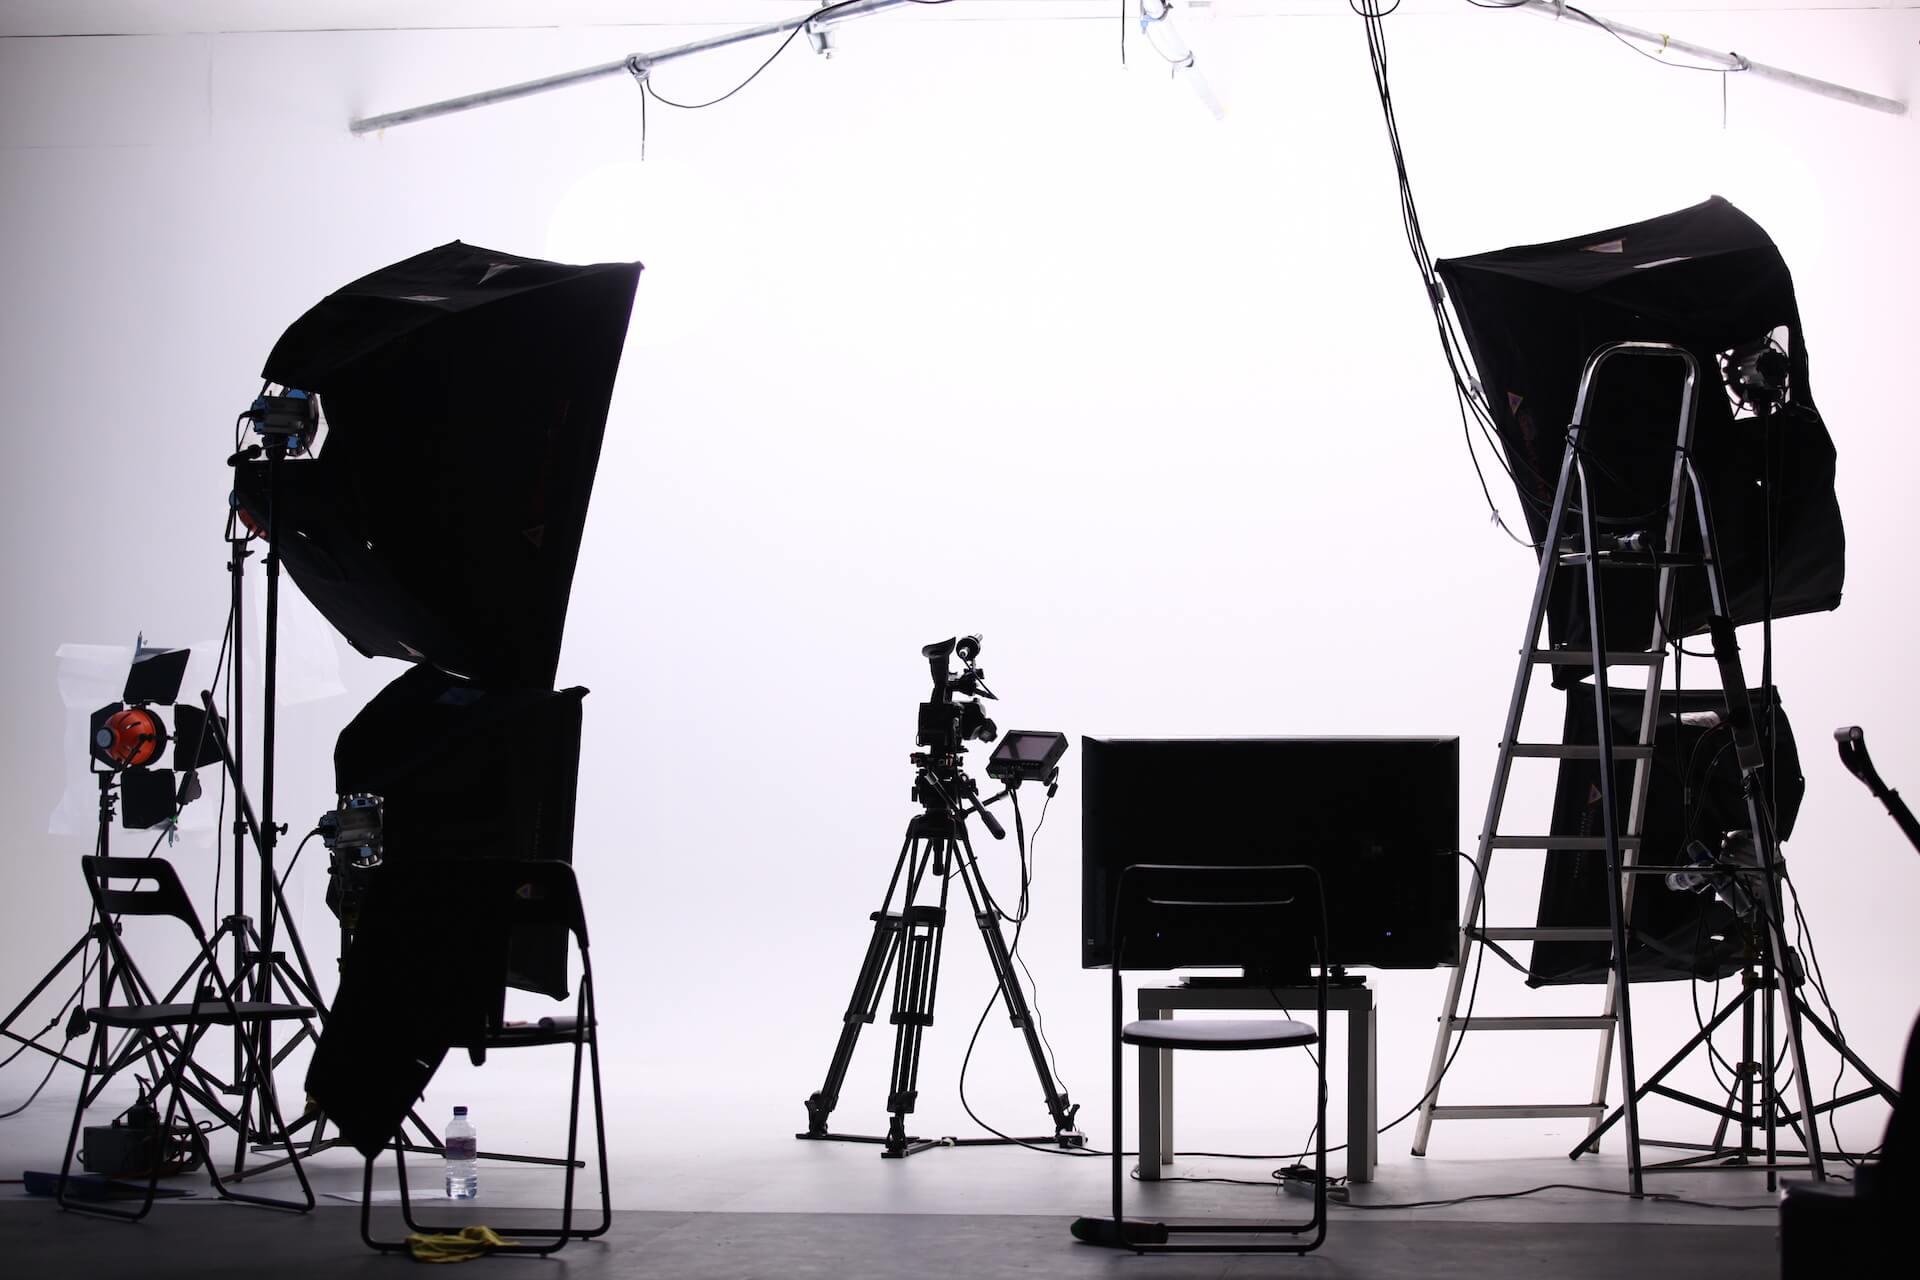 Tanıtım Filmi Nedir Tanıtım Filmi Çeşitleri Nelerdir?